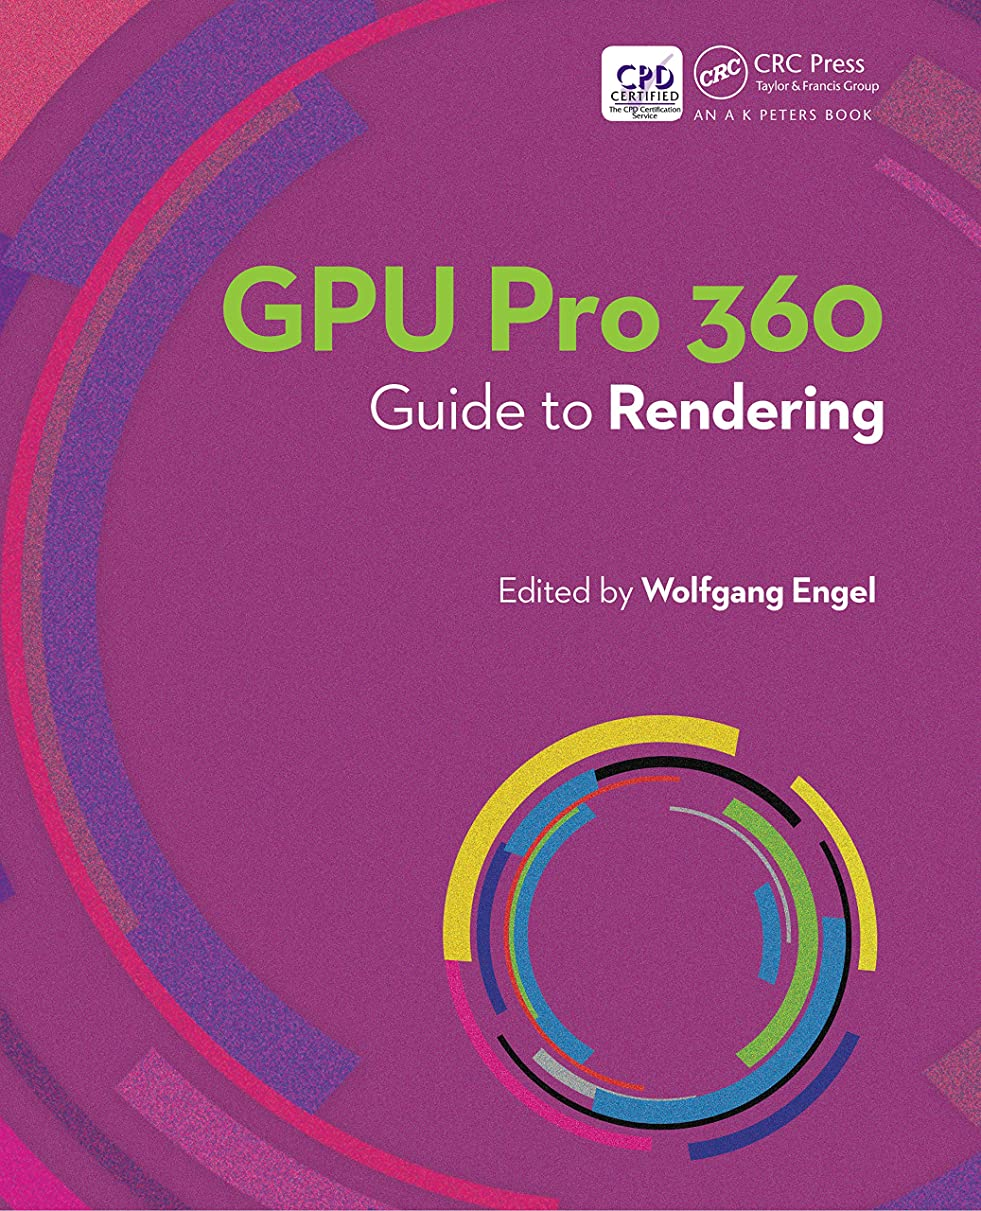 前置詞バブル鉱夫GPU Pro 360 Guide to Rendering (English Edition)